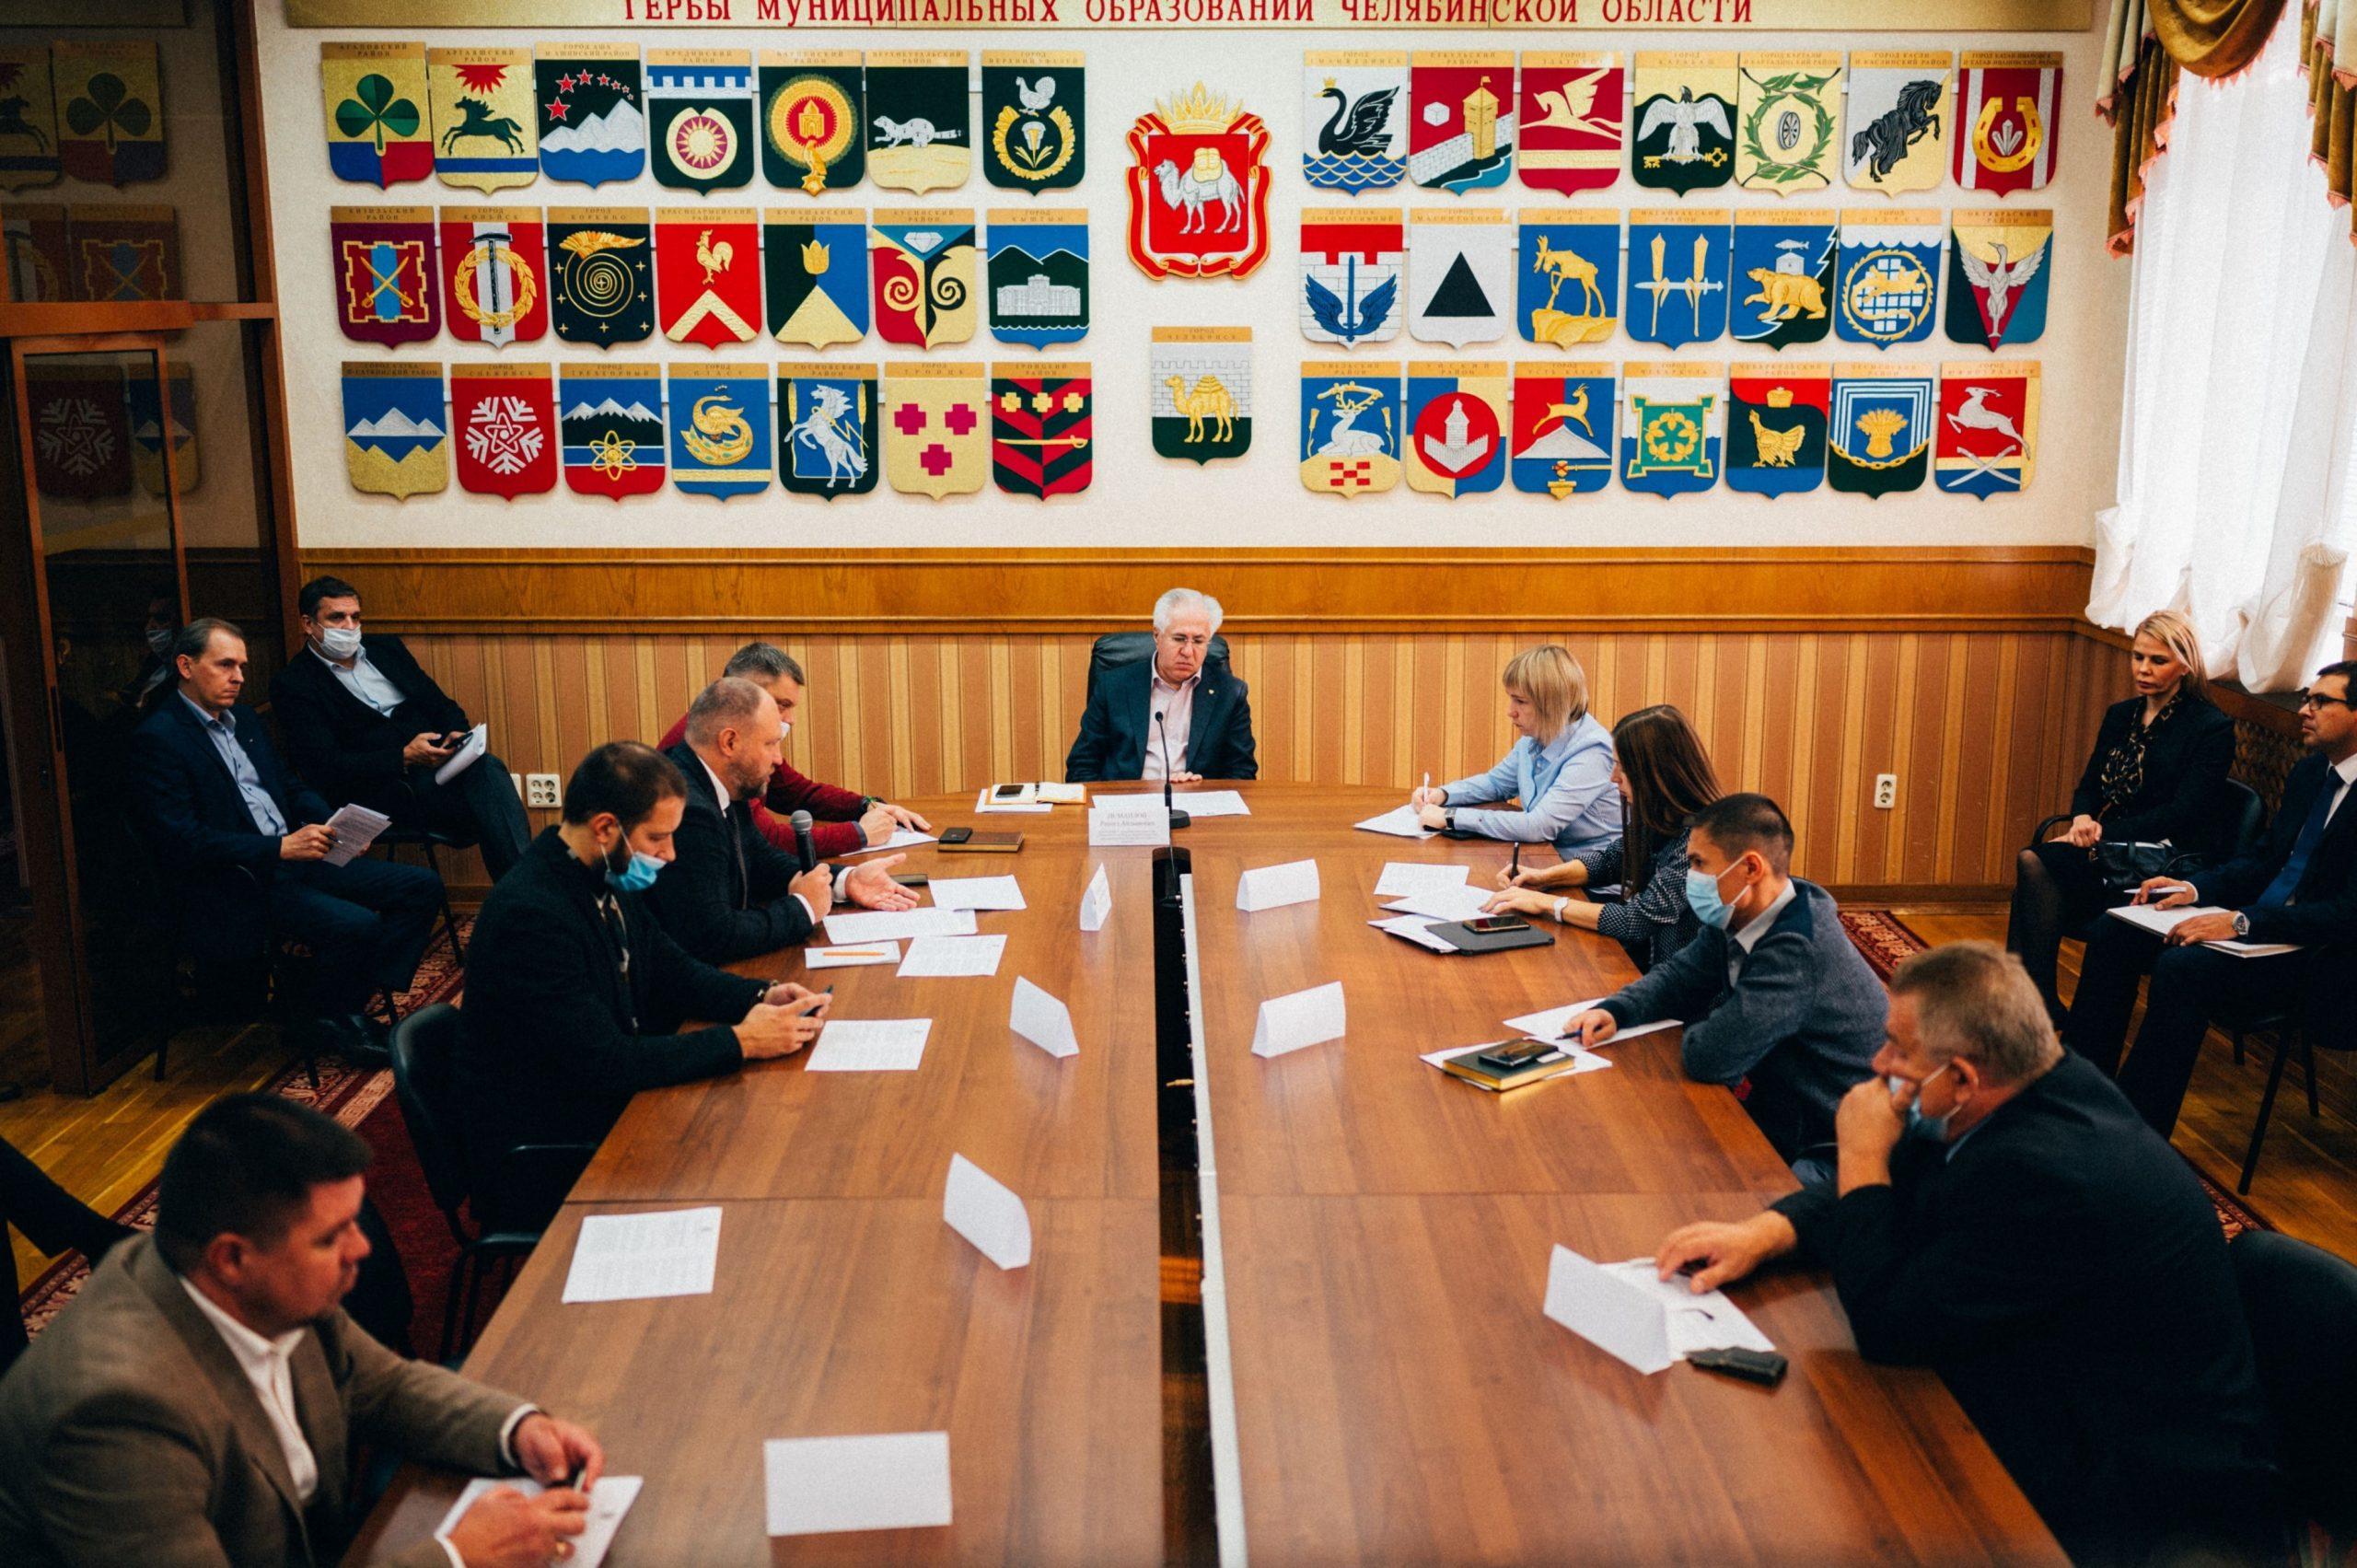 Координационный совет при Губернаторе Челябинской области по вопросам экологии